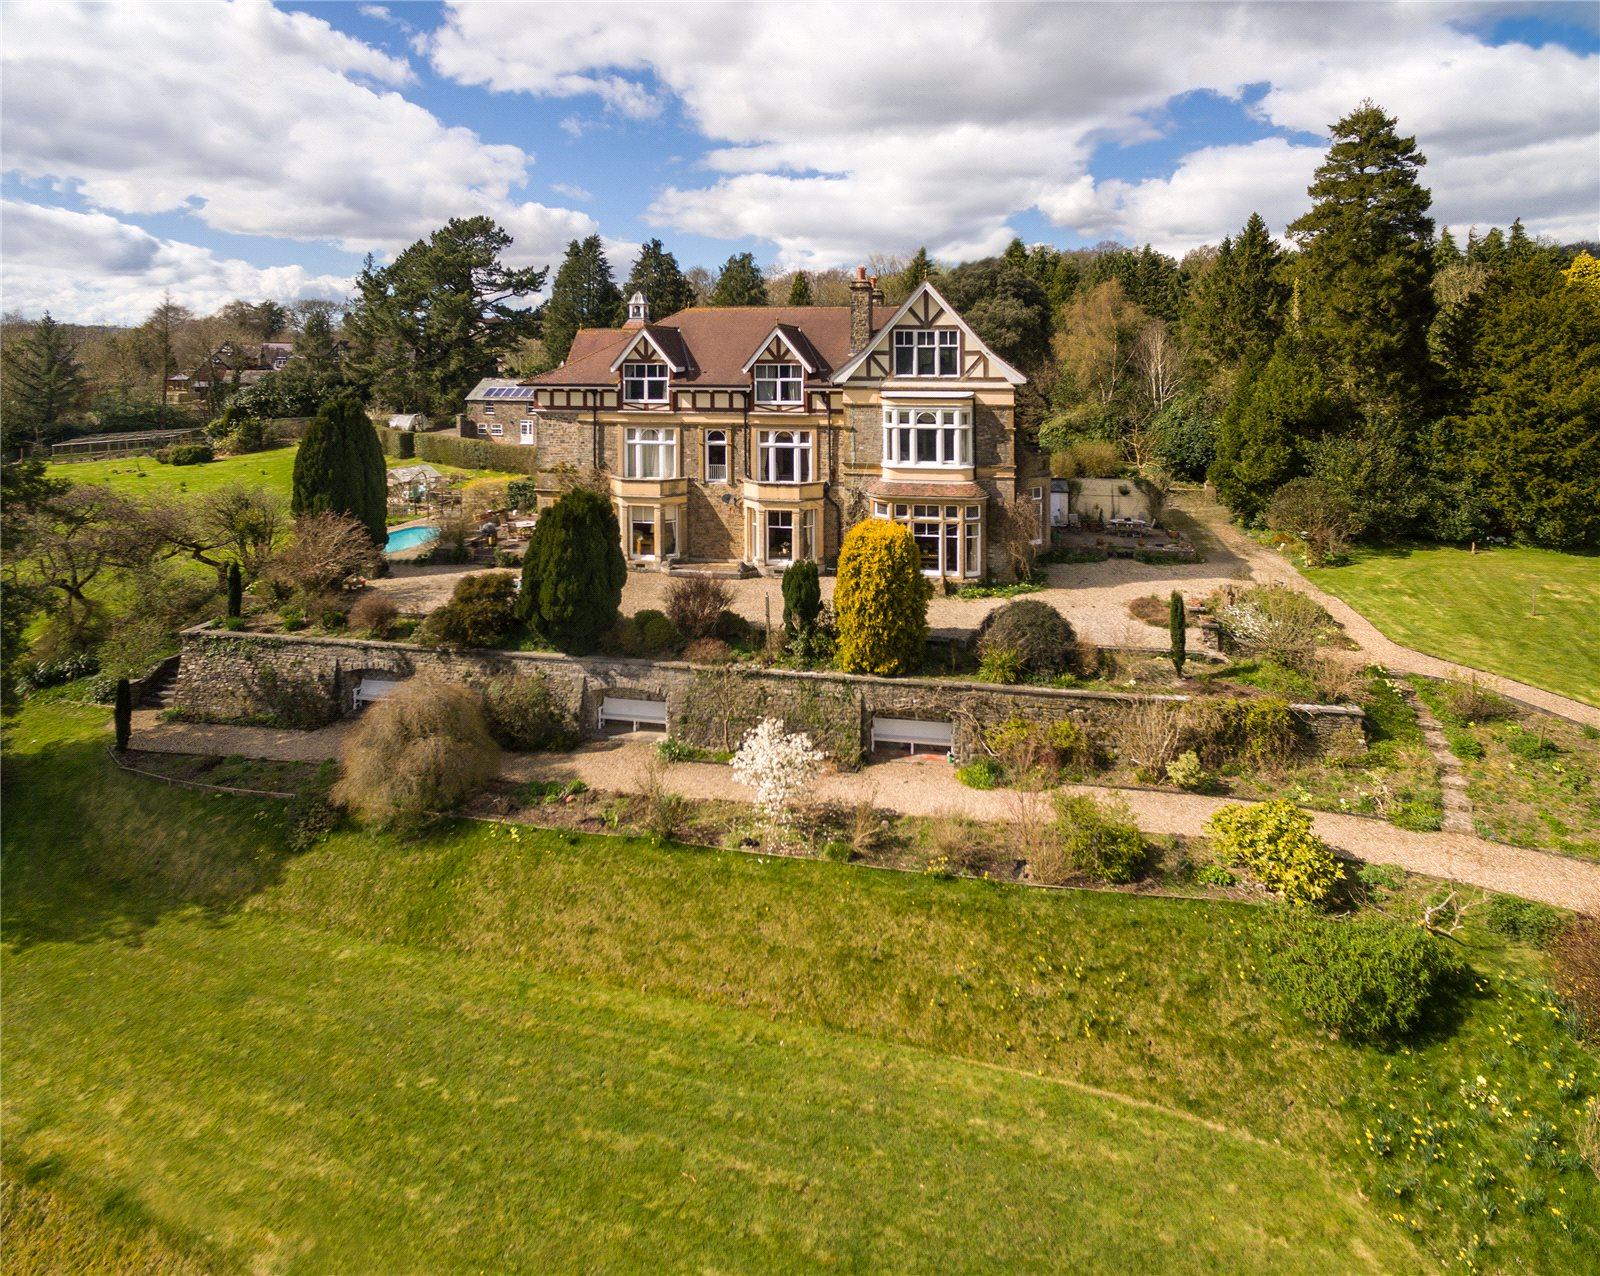 Single Family Home for Sale at Wonham, Bampton, Tiverton, Devon, EX16 Tiverton, England